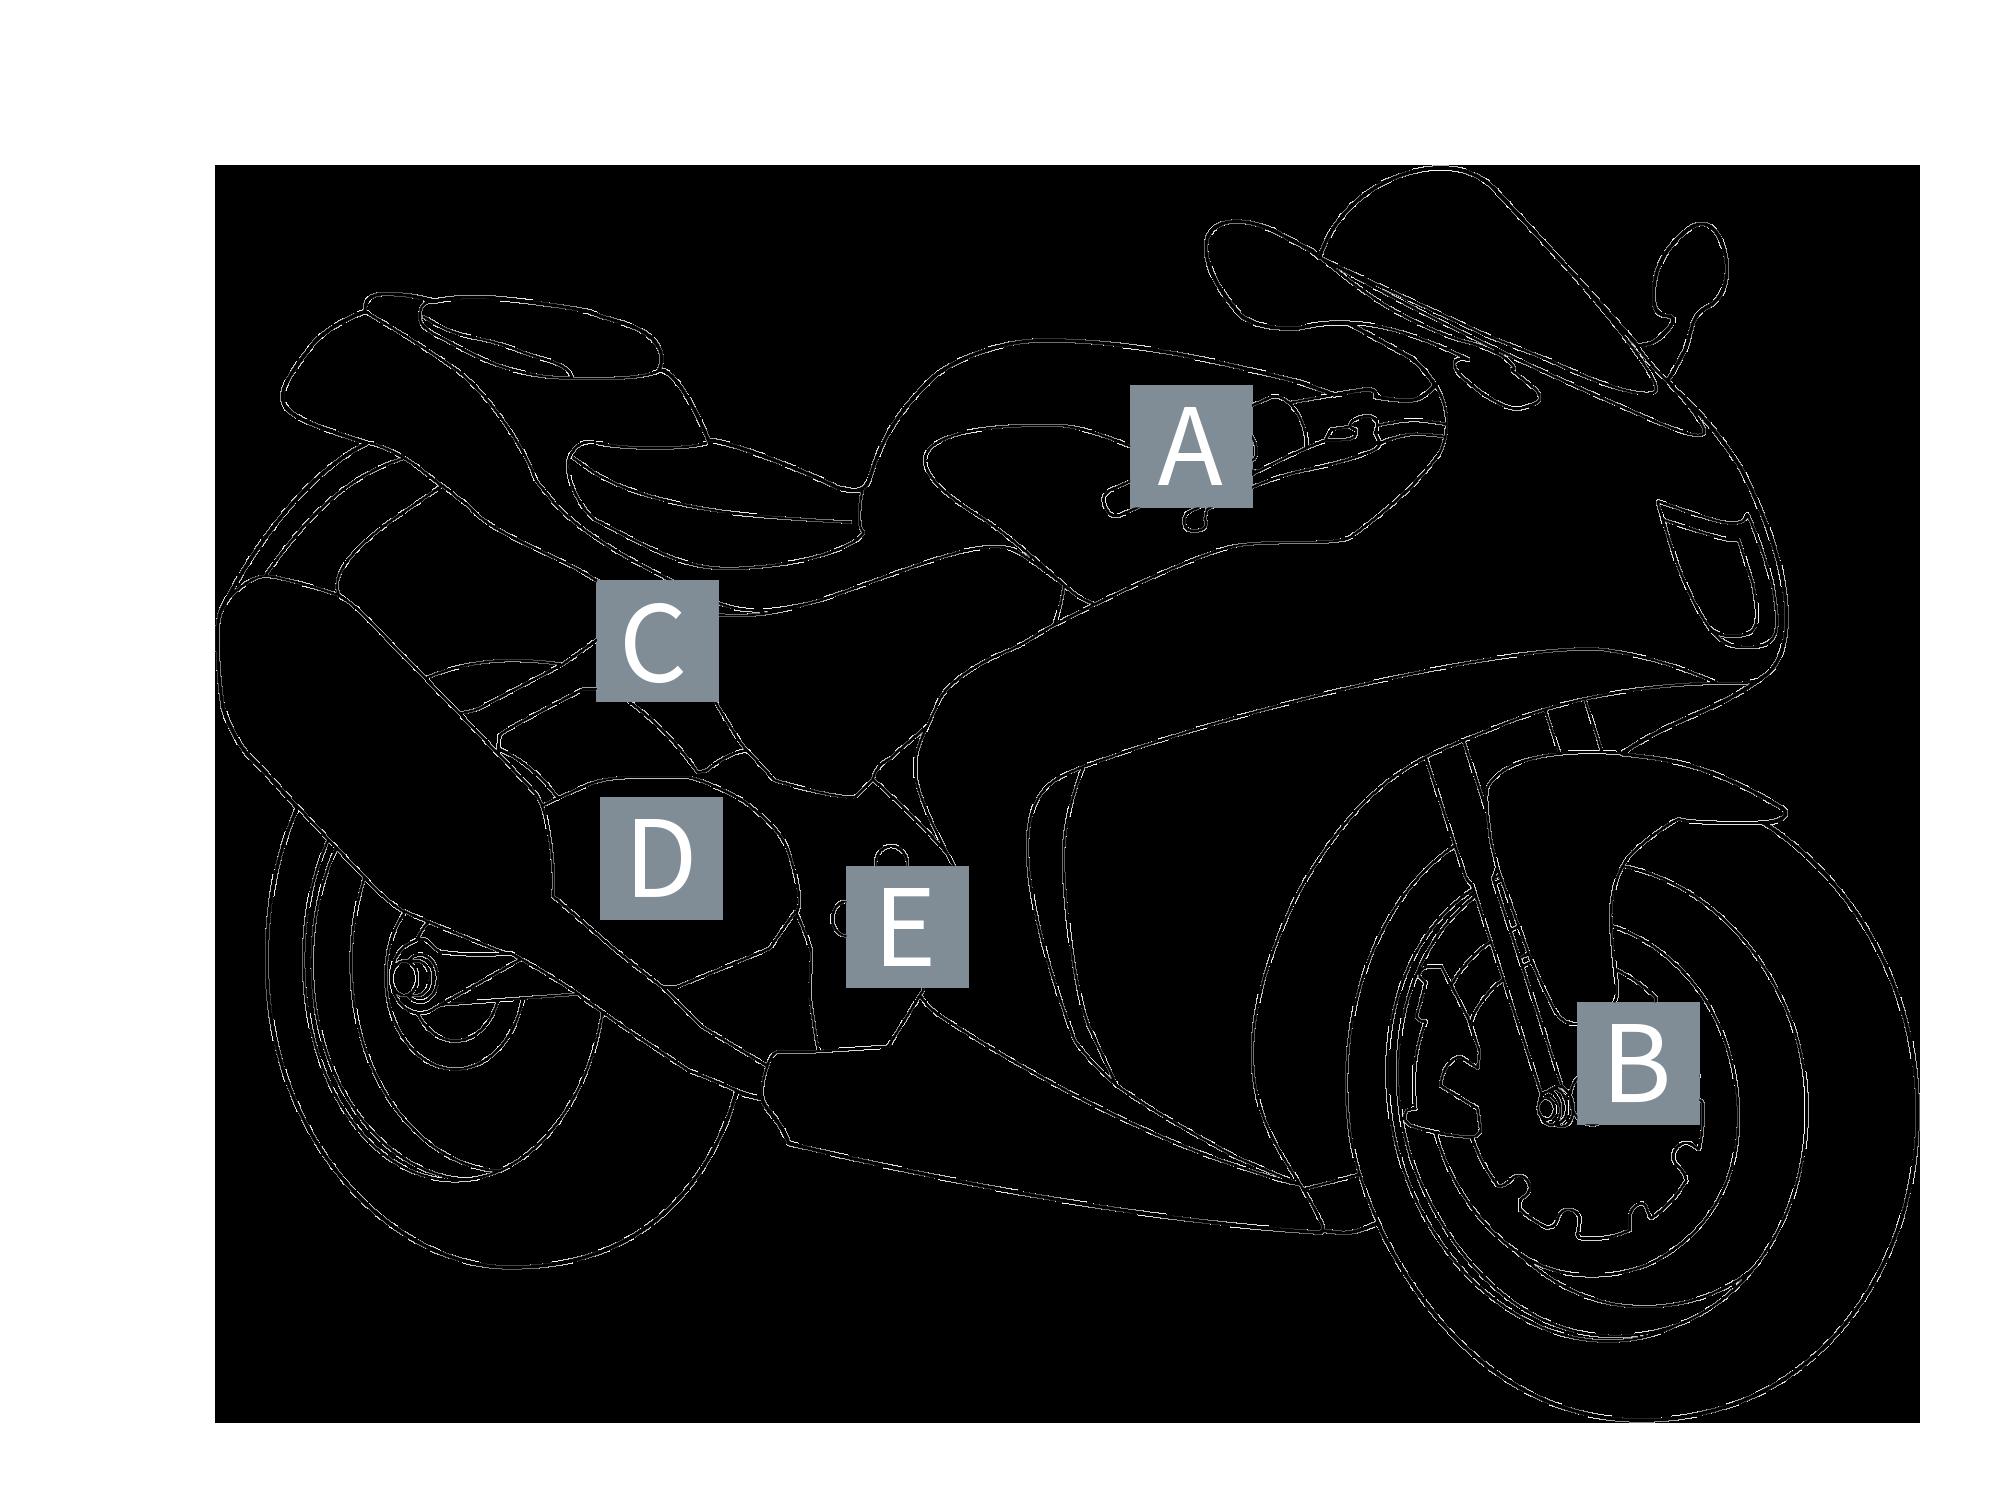 二輪センサー用途